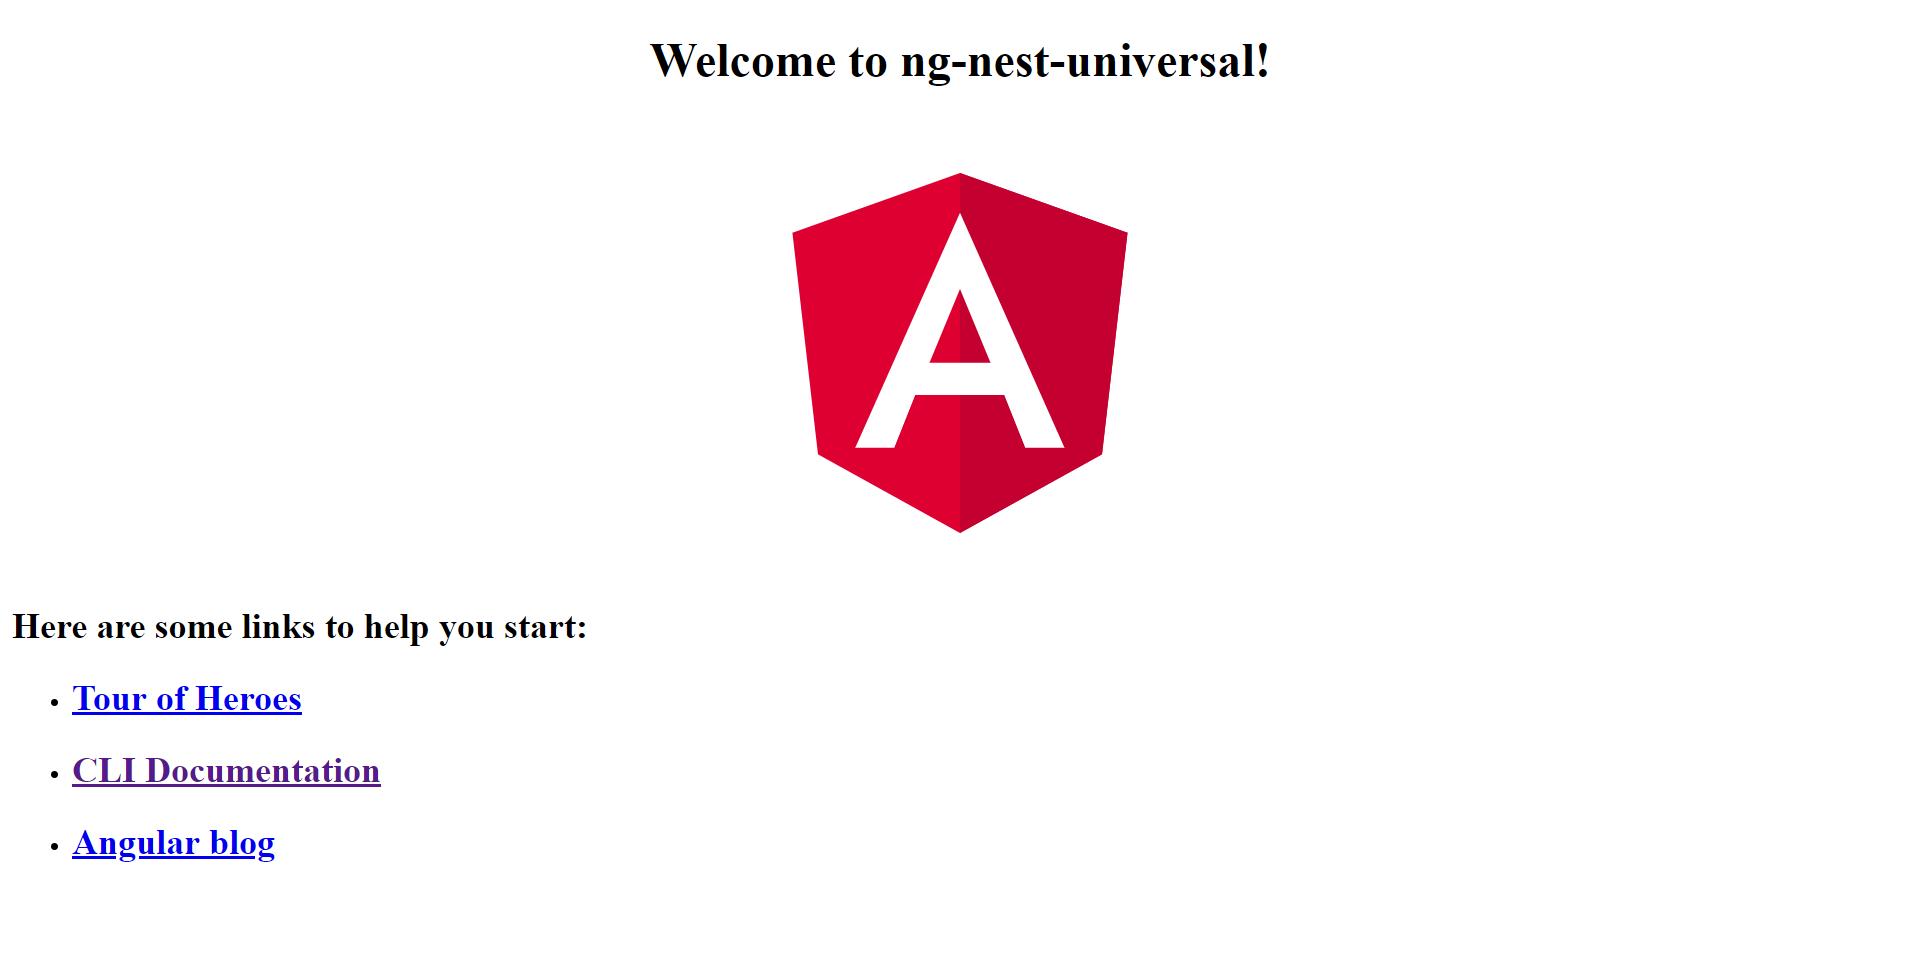 Adding Server Side Rendering (SSR) to Angular App using NestJS